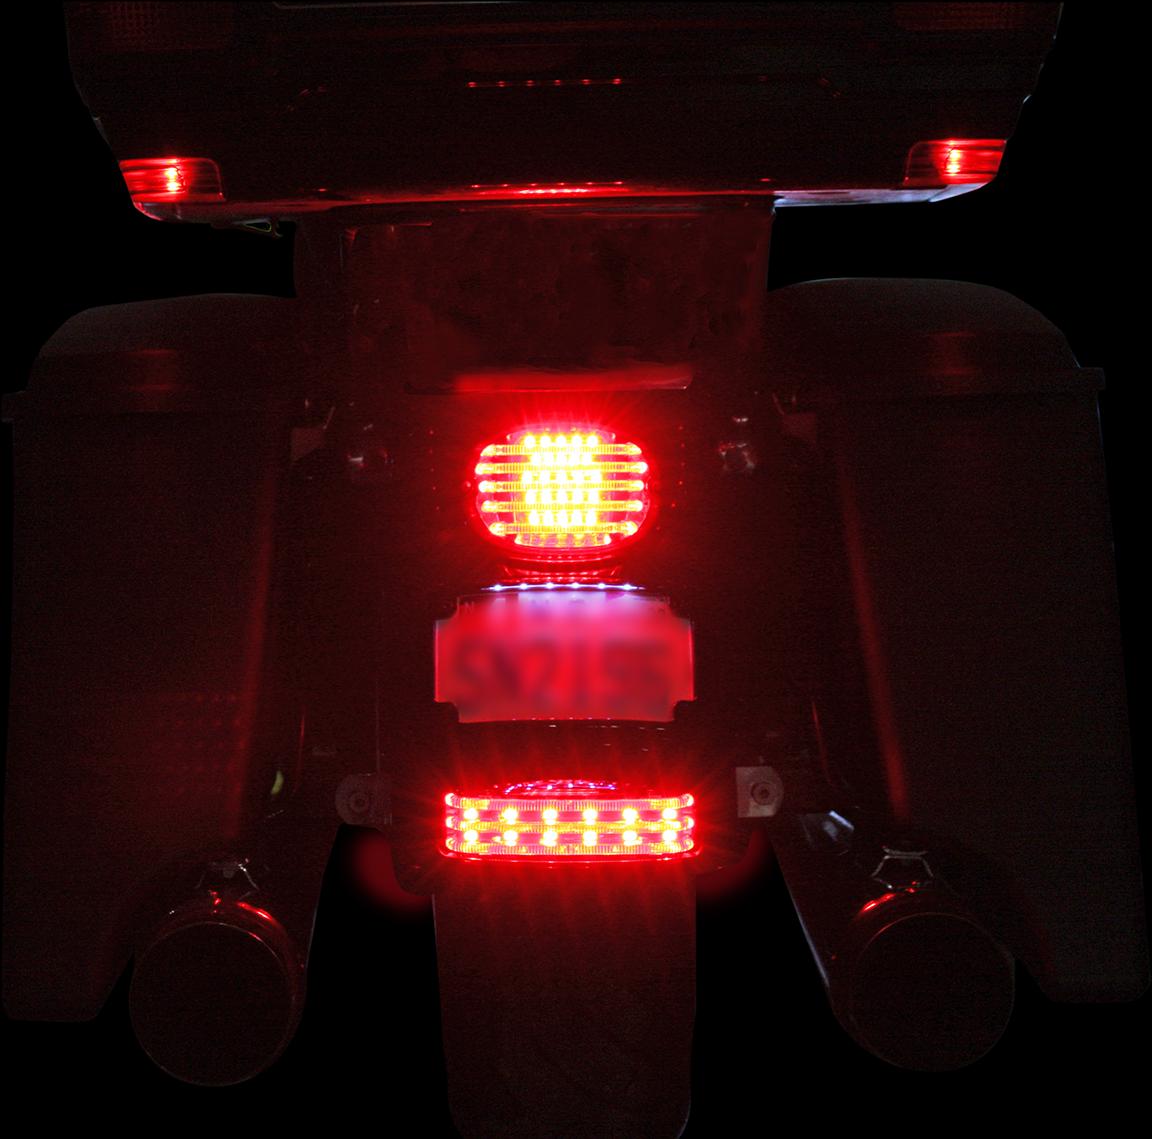 Custom Dynamics Black Smoke Lens Rear Fender Tip Light for 09-19 Harley Touring